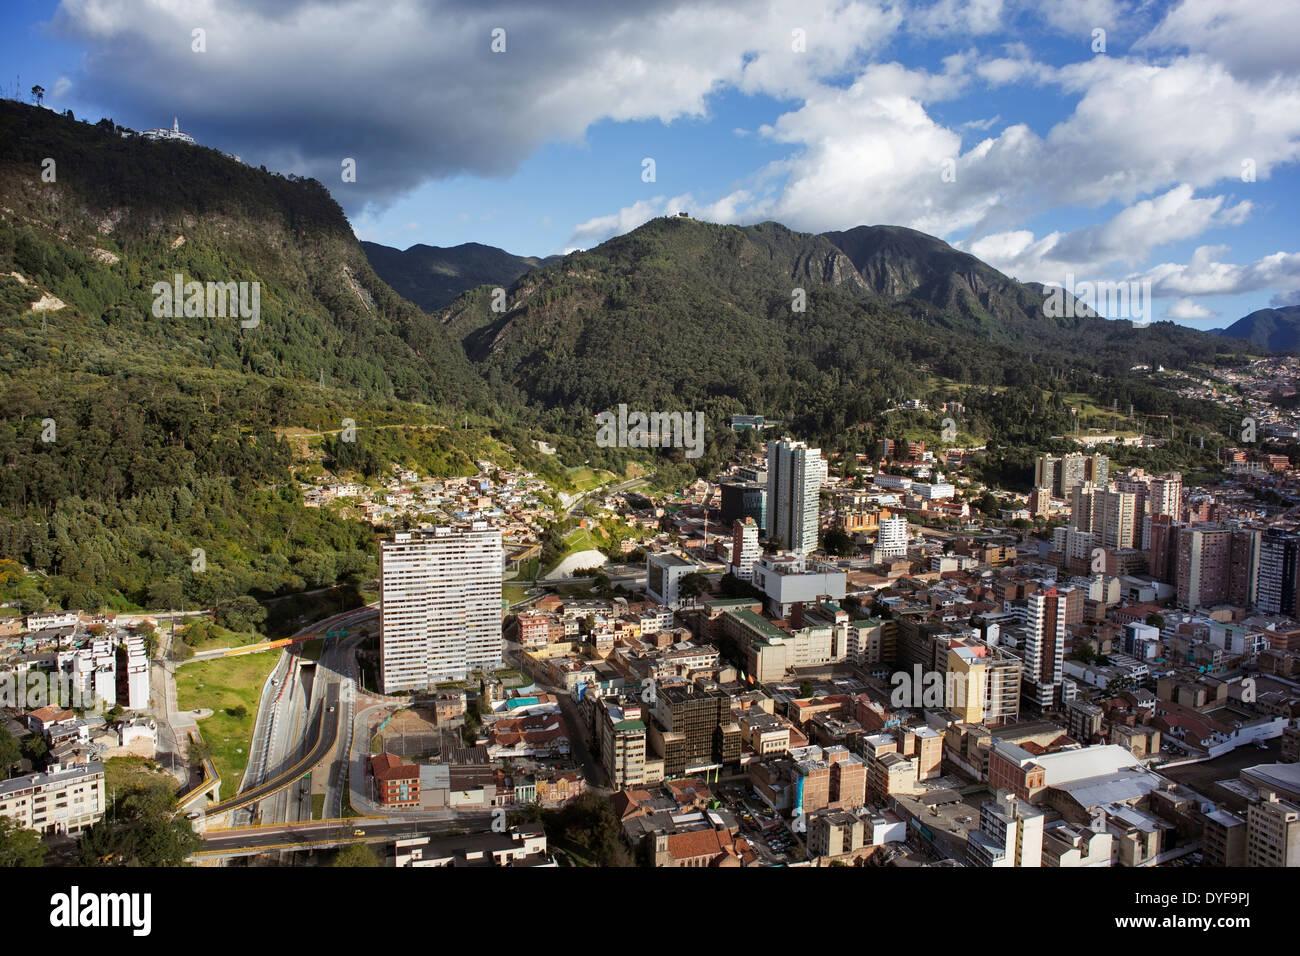 Vista panorámica de Bogotá, capital de Colombia. Vista aérea del centro de Bogotá y la montaña Monserrate (iglesia) Imagen De Stock